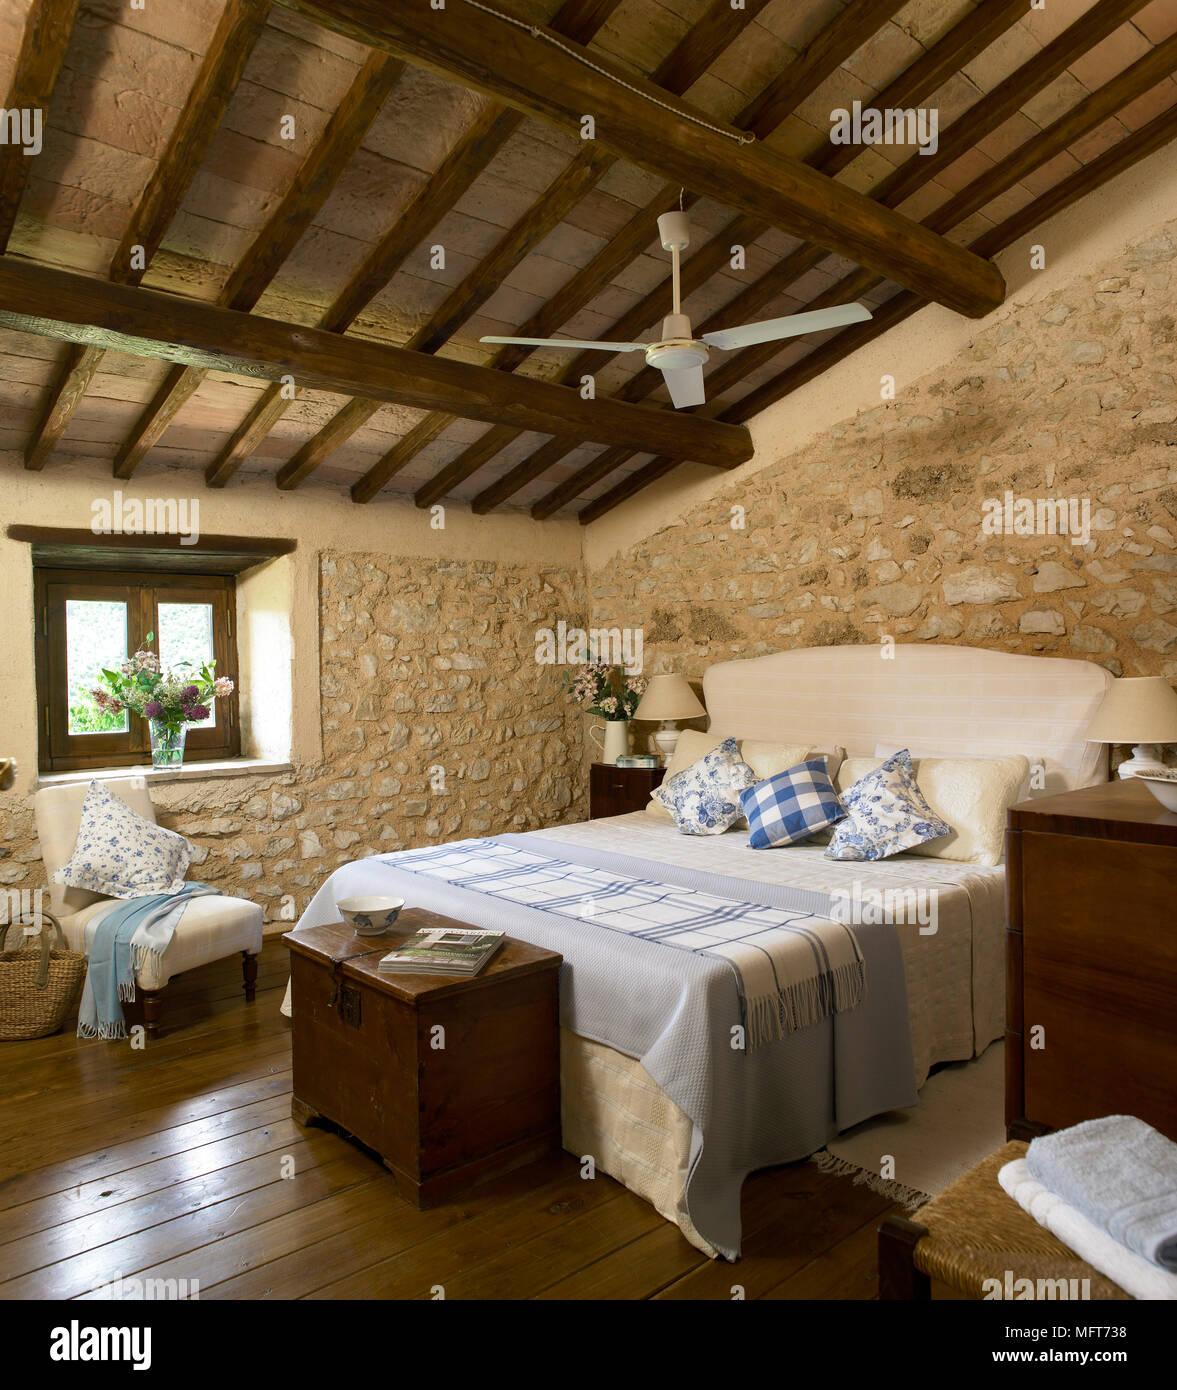 Camera Da Letto Travi A Vista : Un paese camera da letto con esposti rustiche pareti in